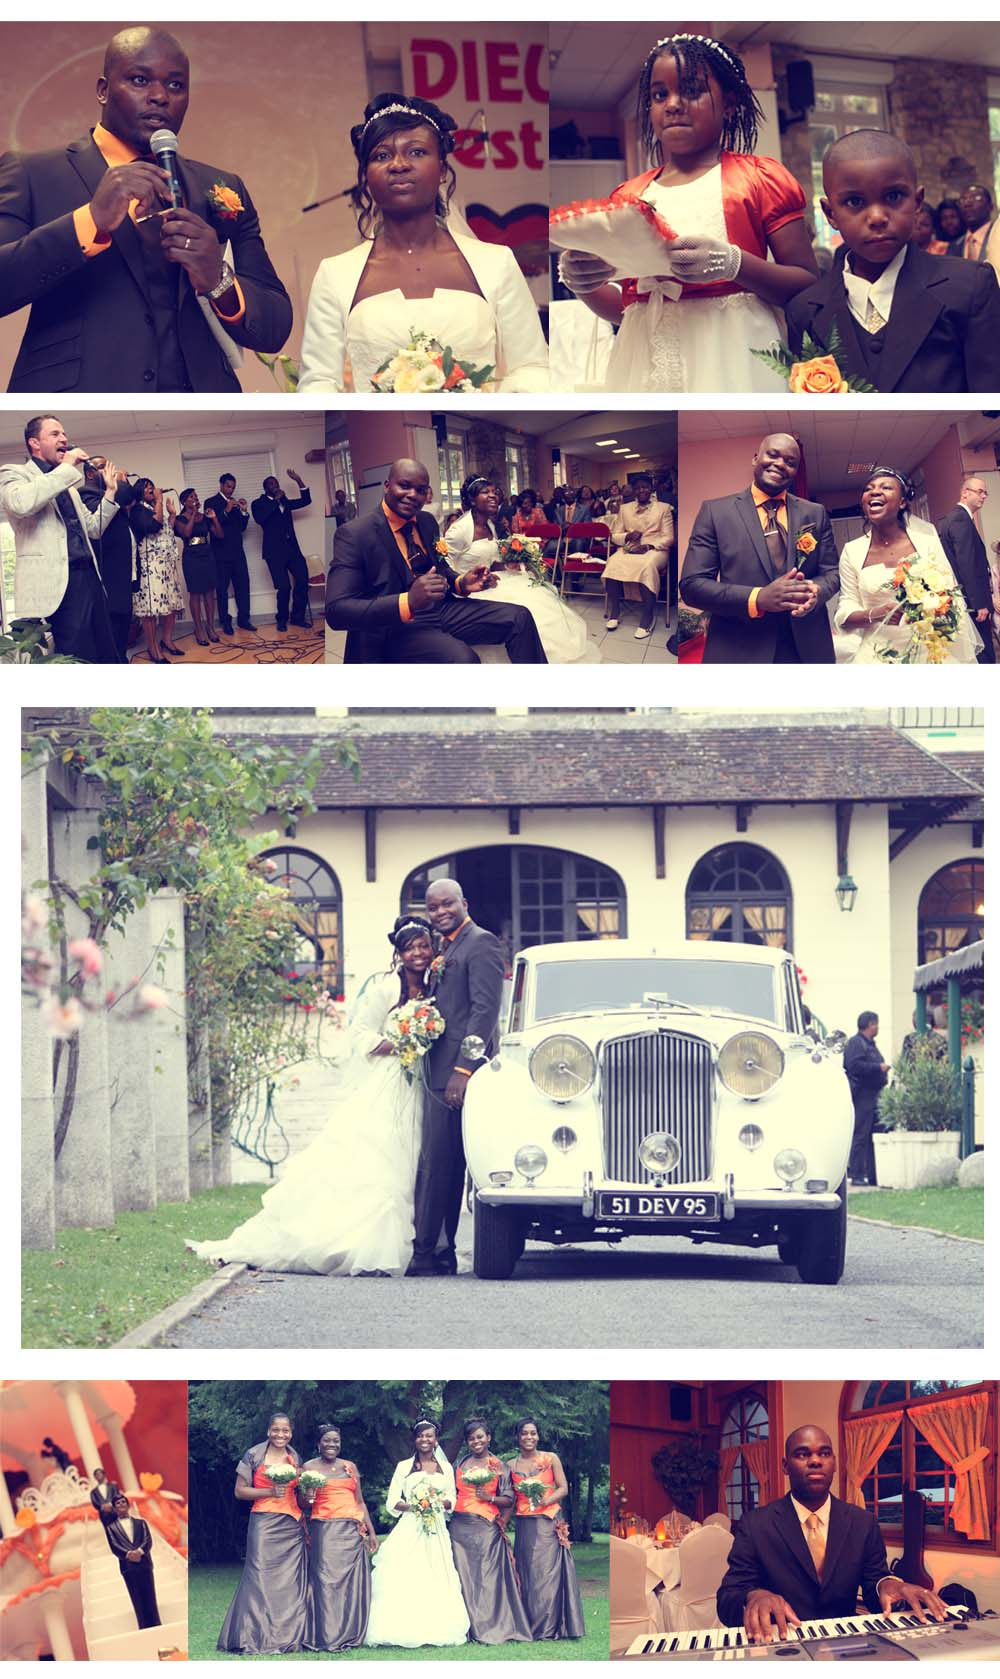 photographe de mariage avec rolls roys evangelique val doise - Mariage Evangeliste